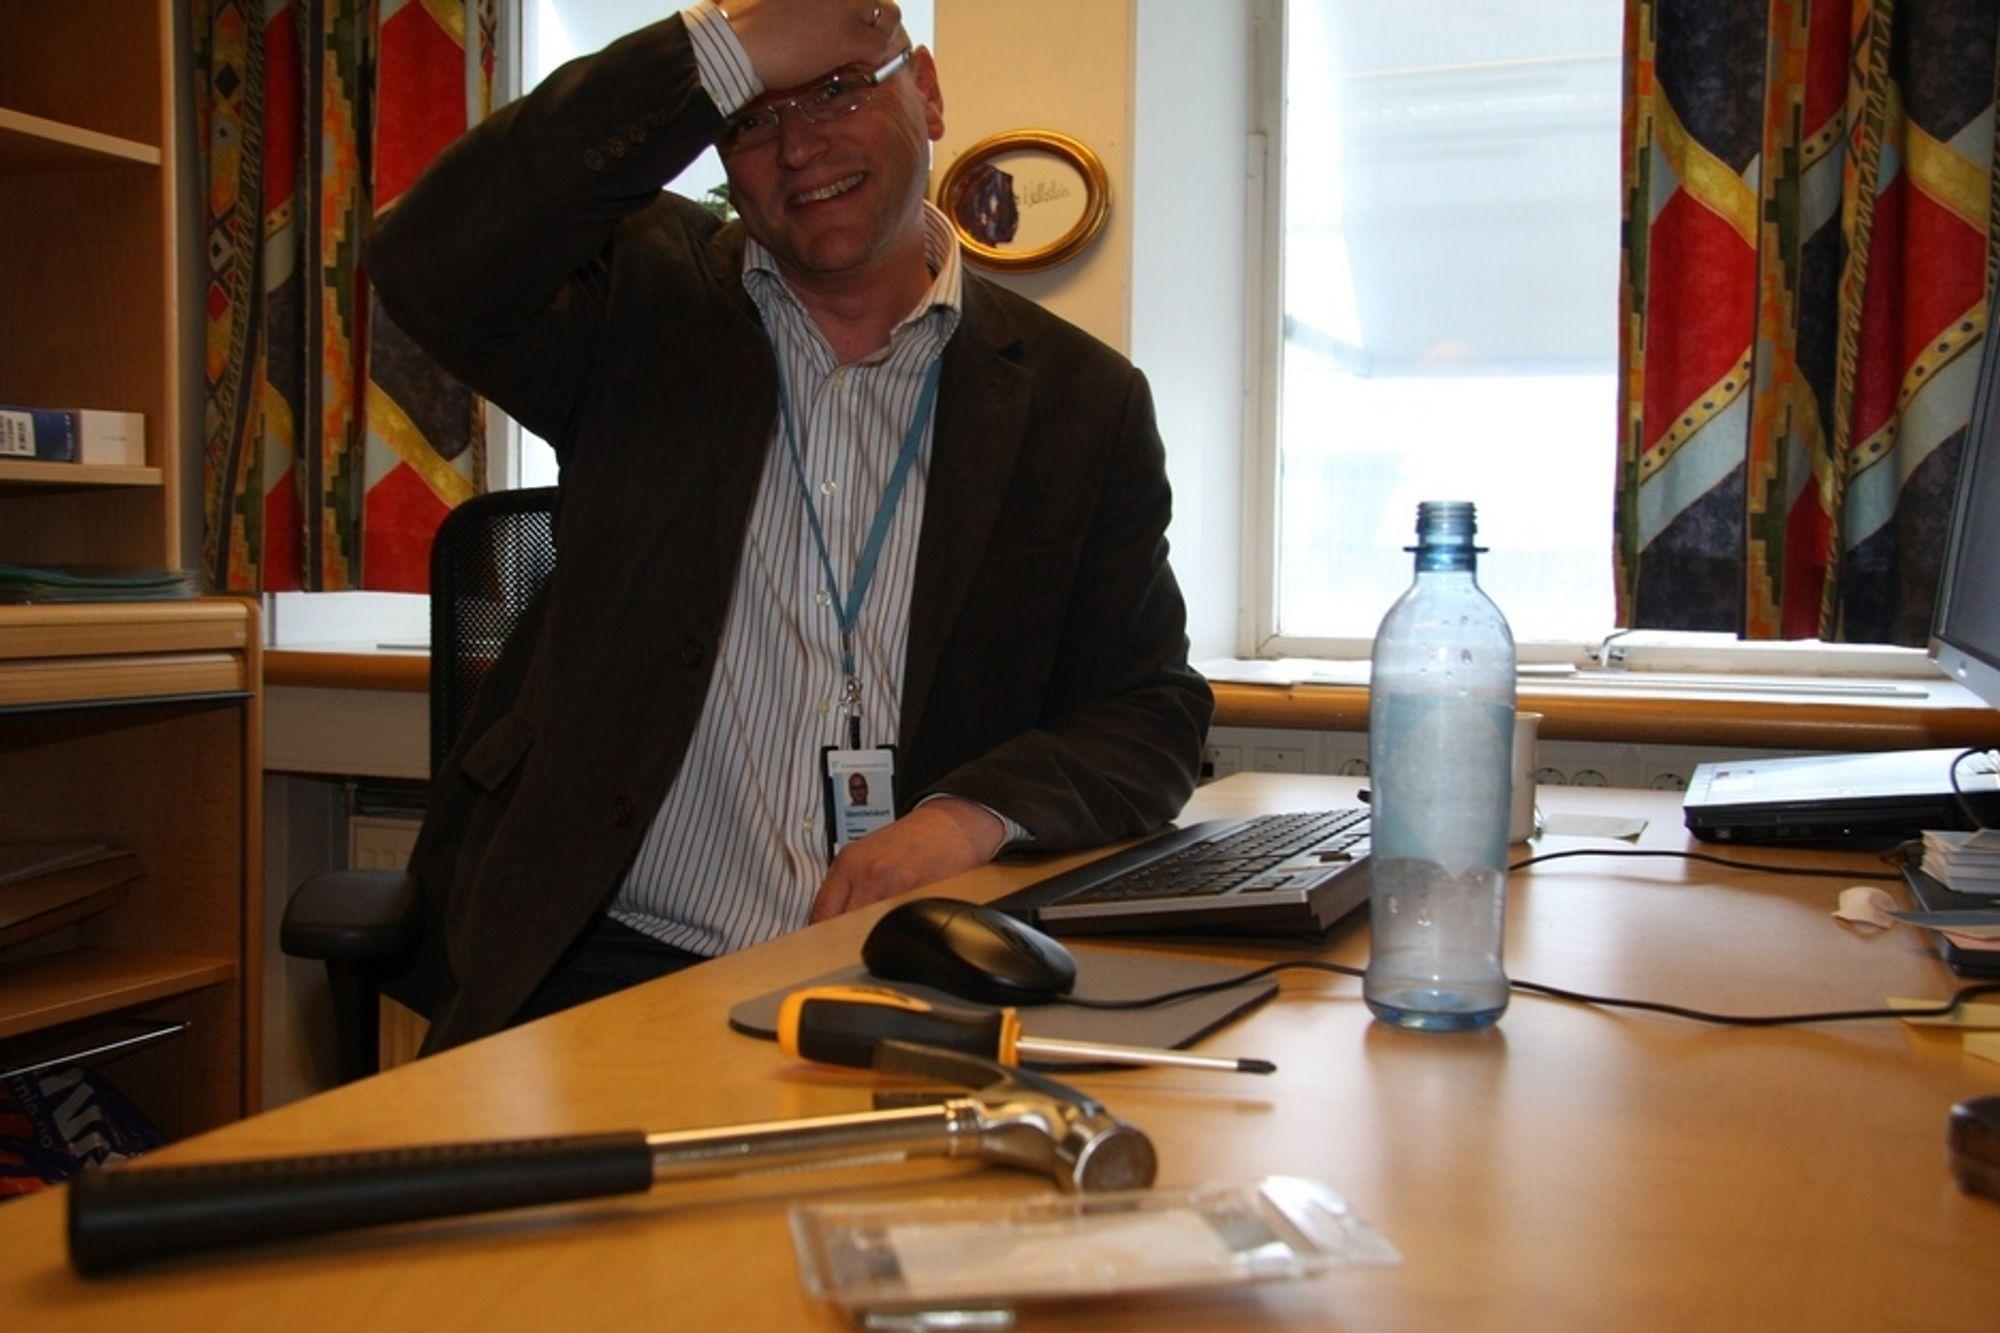 BYGGMESTER: Hallstein Husand er programleder for Altinn II, som legger grunnlaget or heldigital datautveksling mellom alle samfunnssektorer.